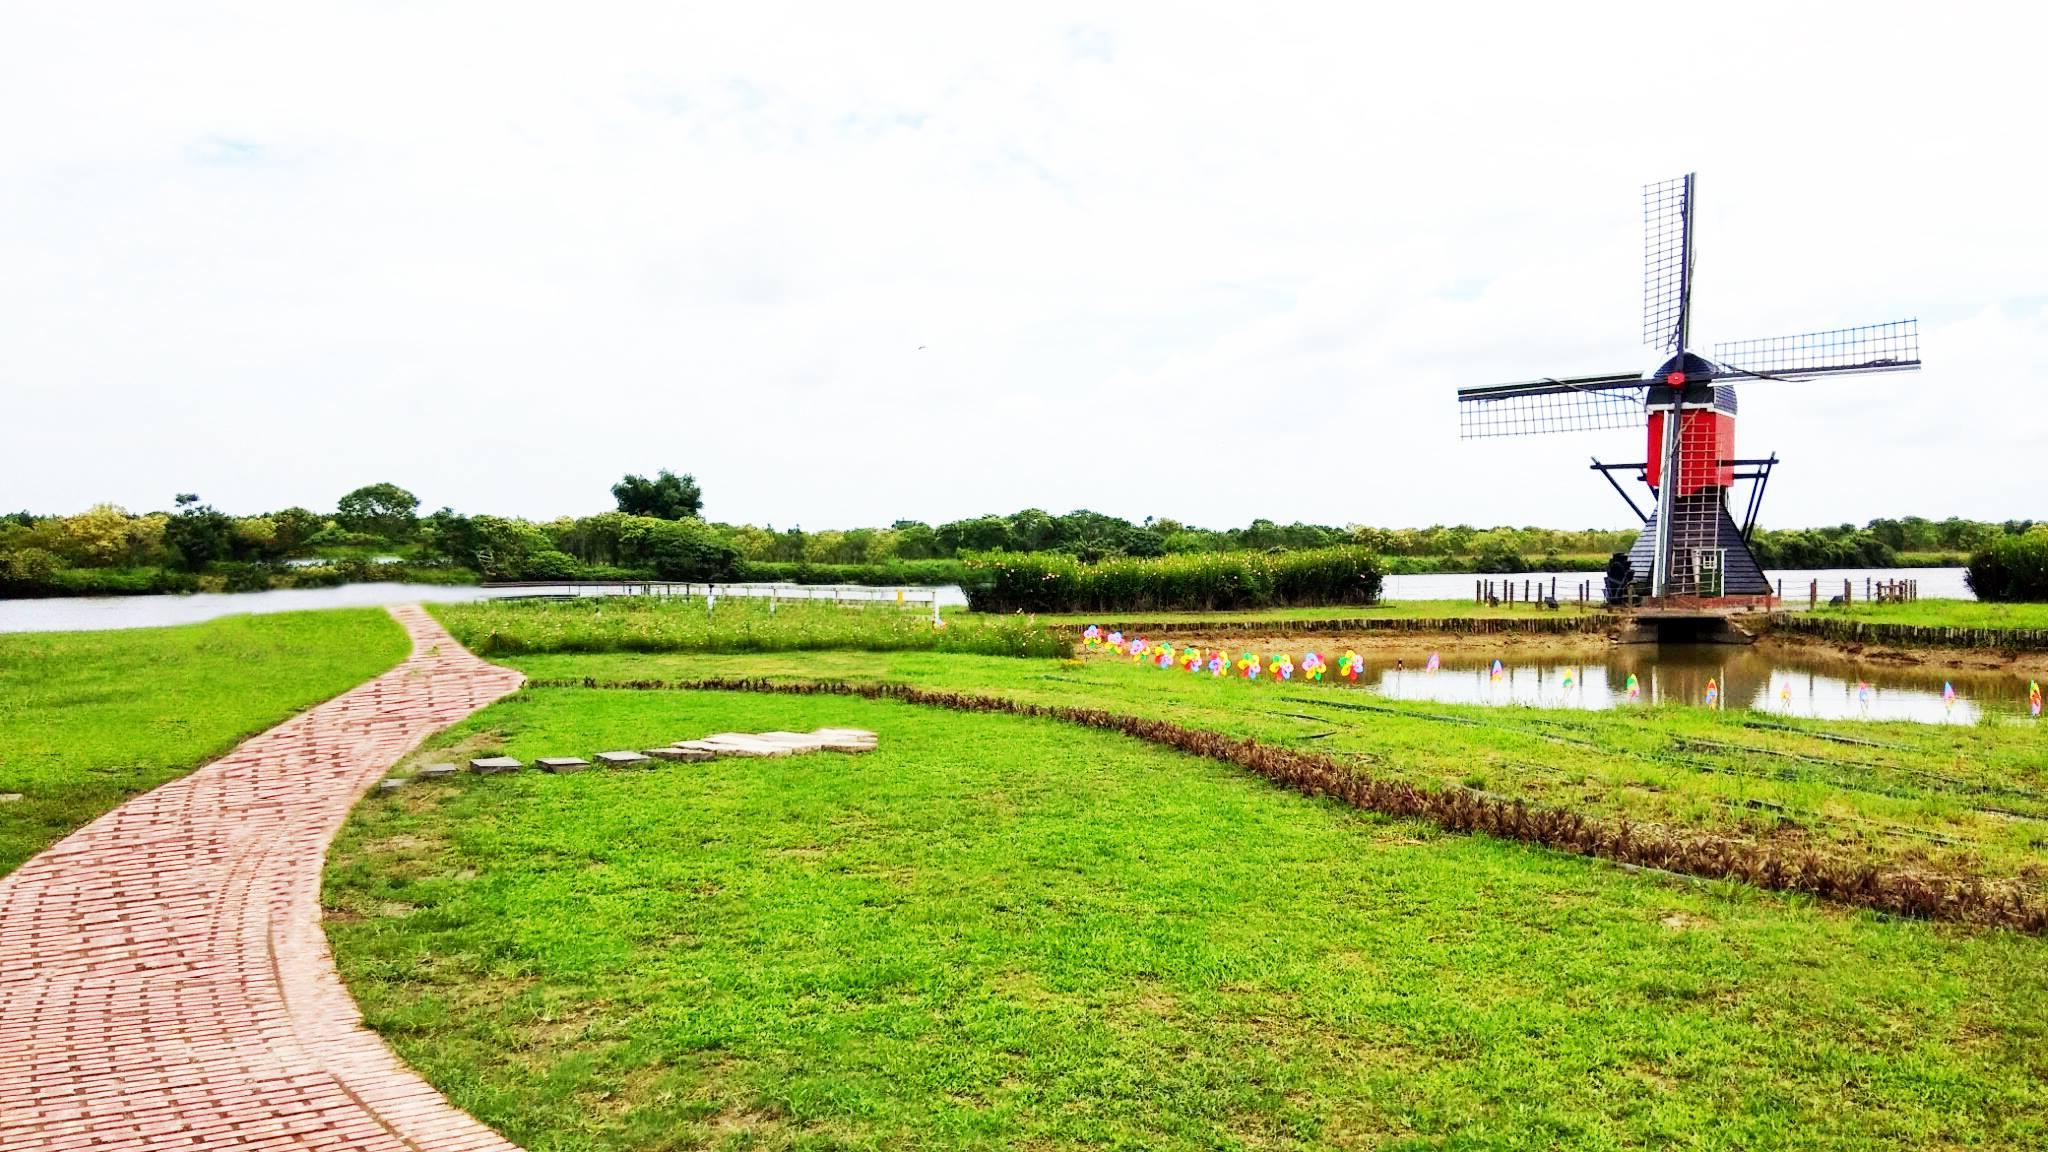 活动资讯 - 荷兰村风车节 台南德元埤 2014